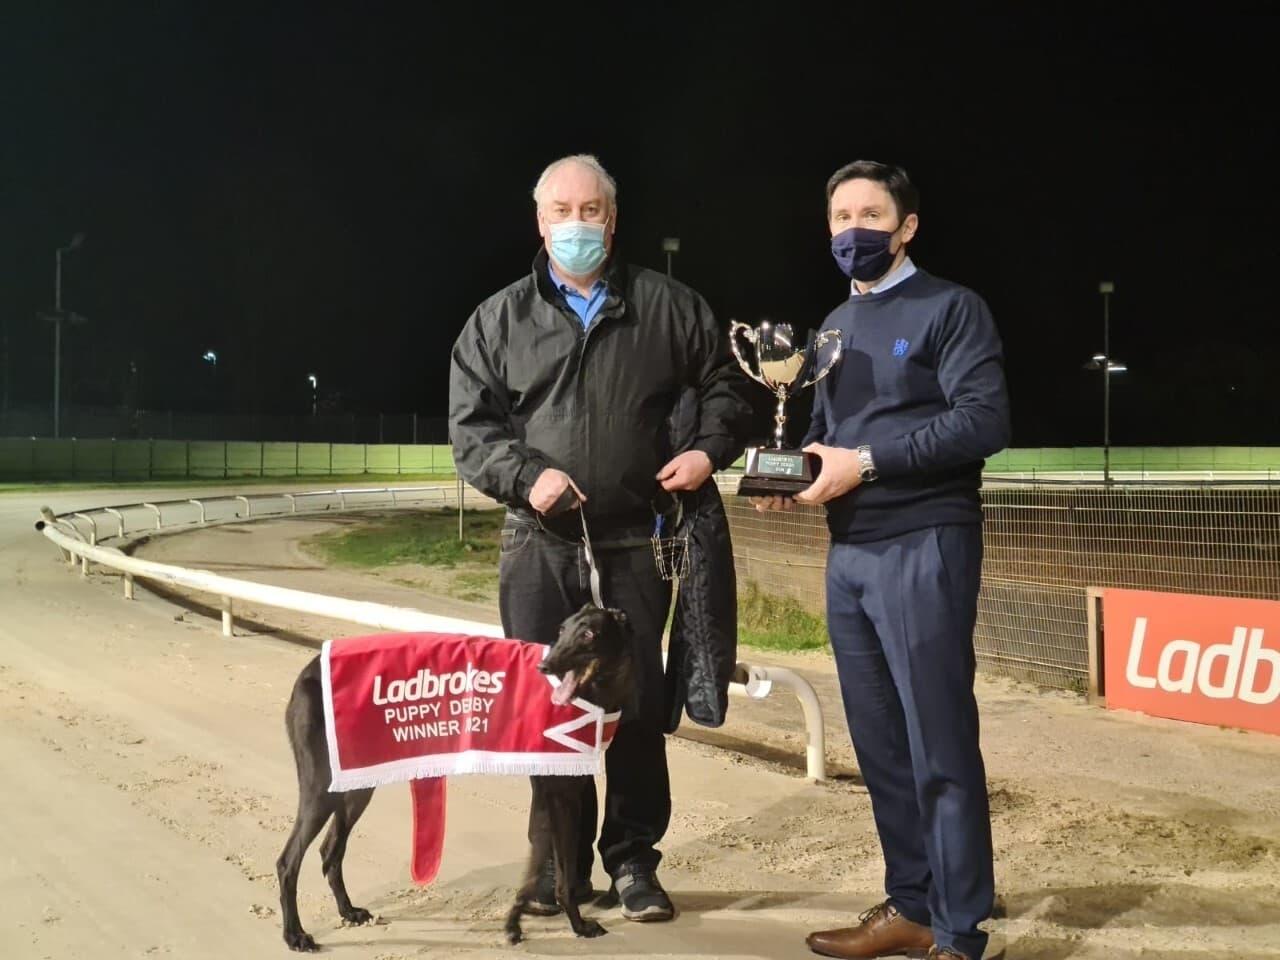 2021 Ladbrokes Puppy Derby